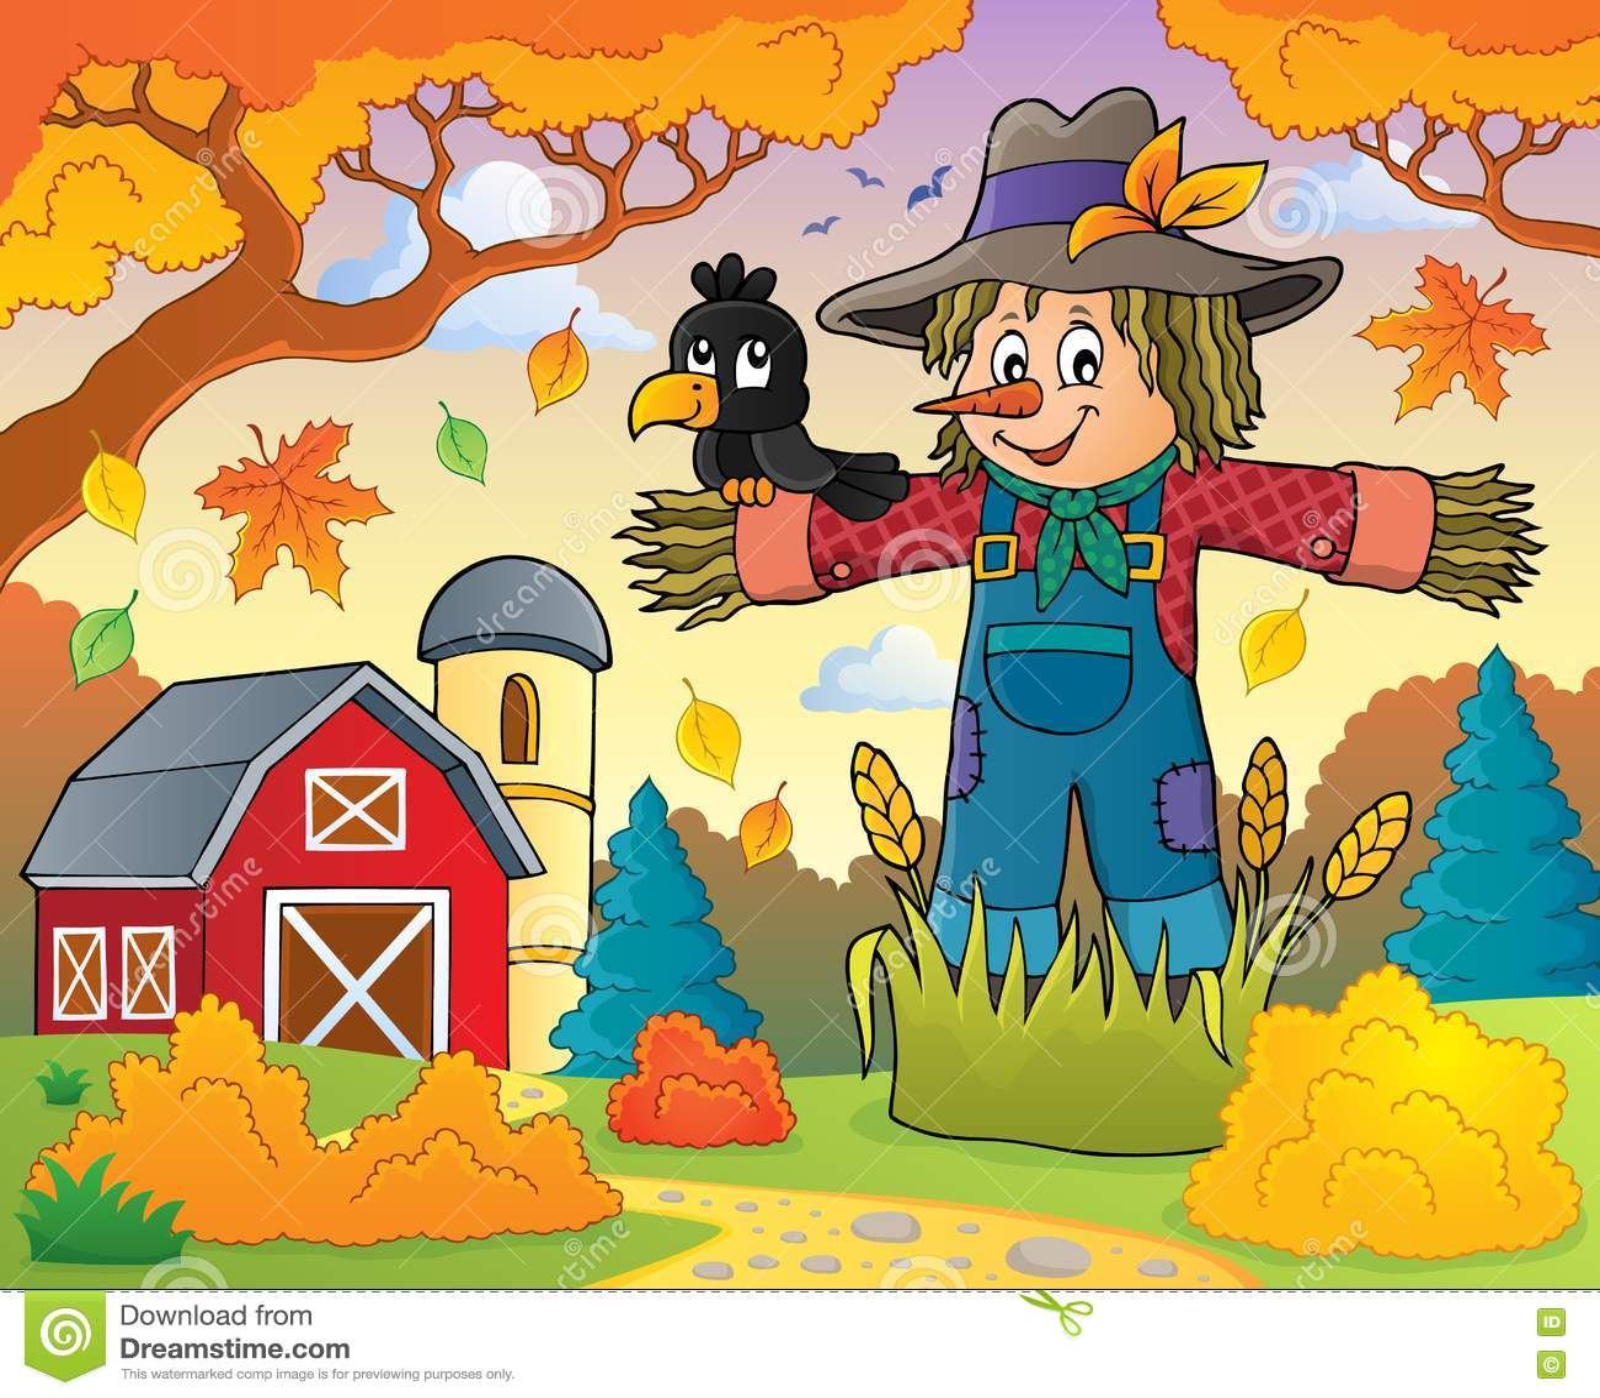 Scarecrow theme image 3